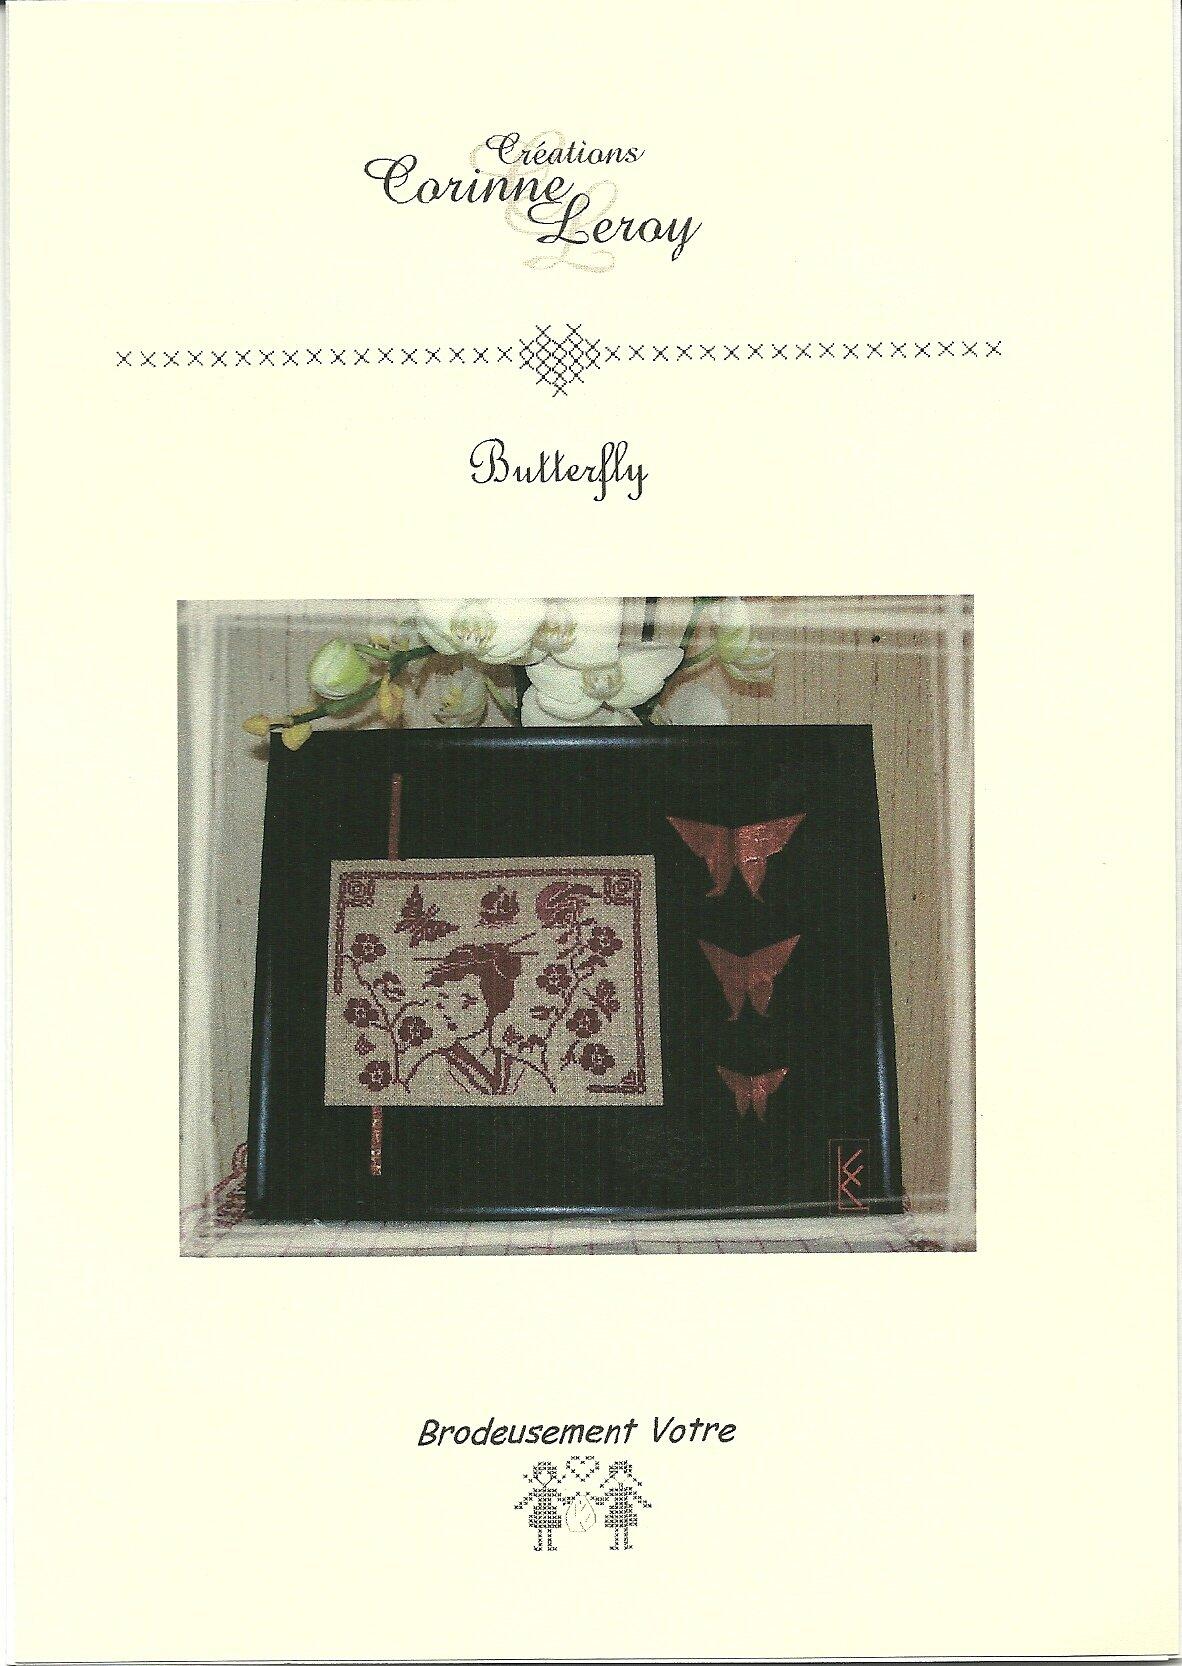 Butterfly Corinne Leroy